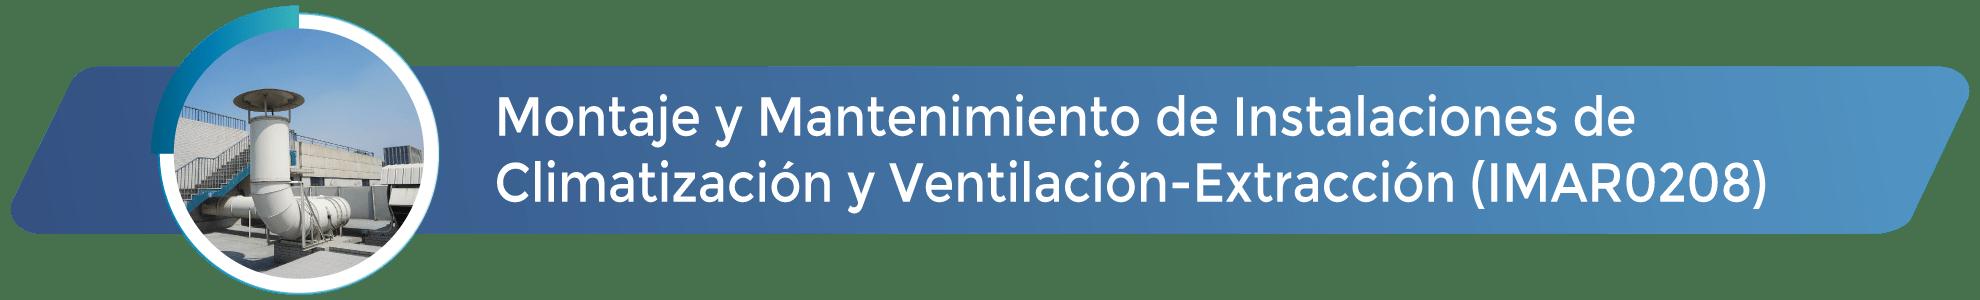 IMAR0208 - Montaje y Mantenimiento de Instalaciones de Climatización y Ventilación-Extracción